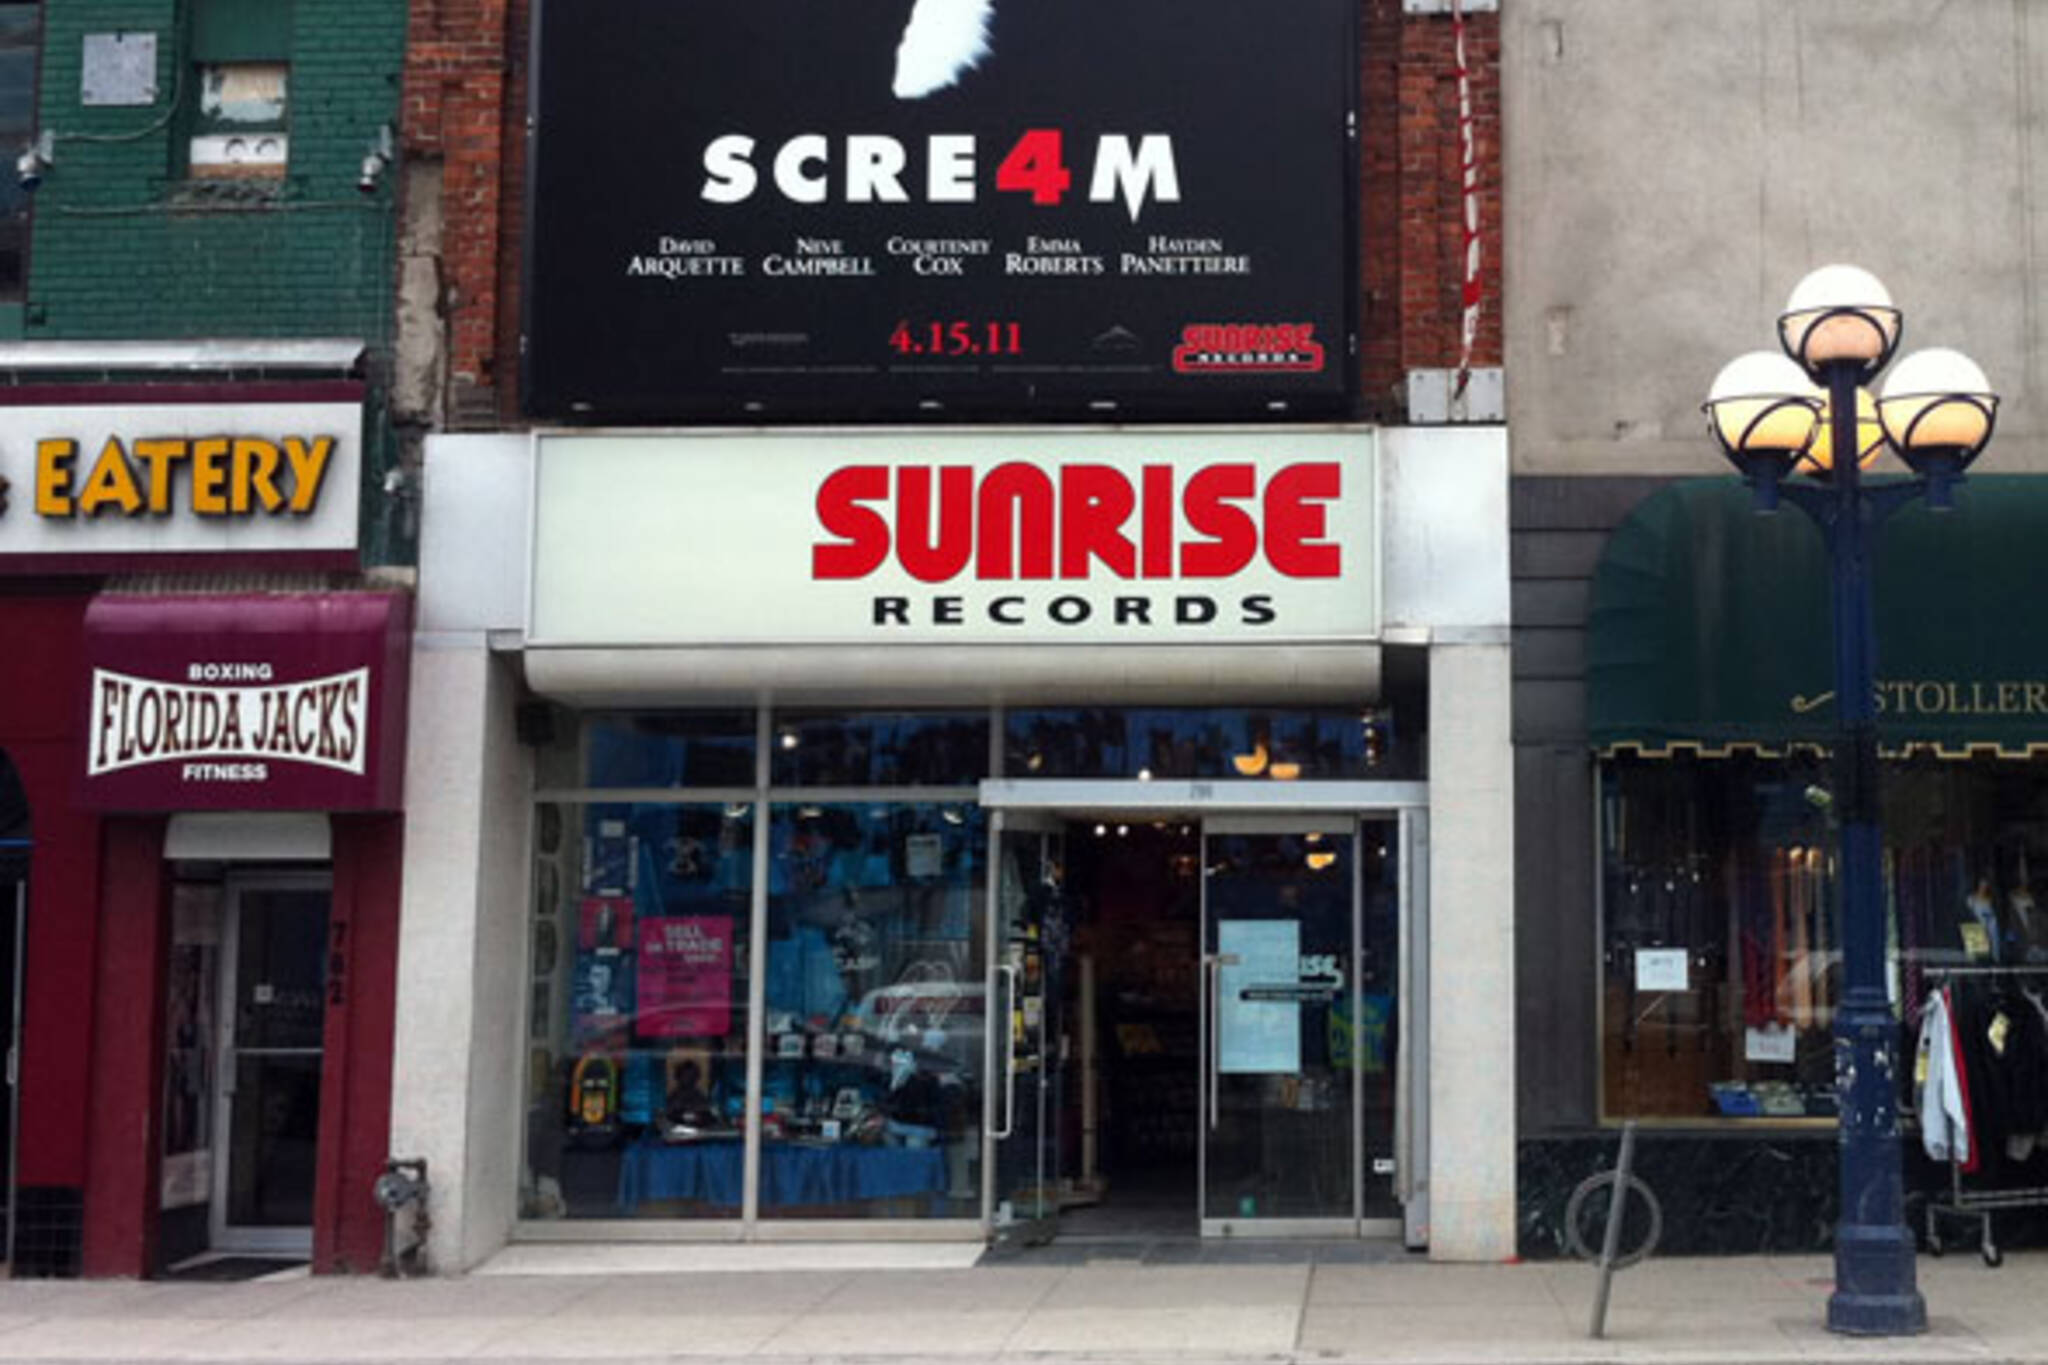 Sunrise Records